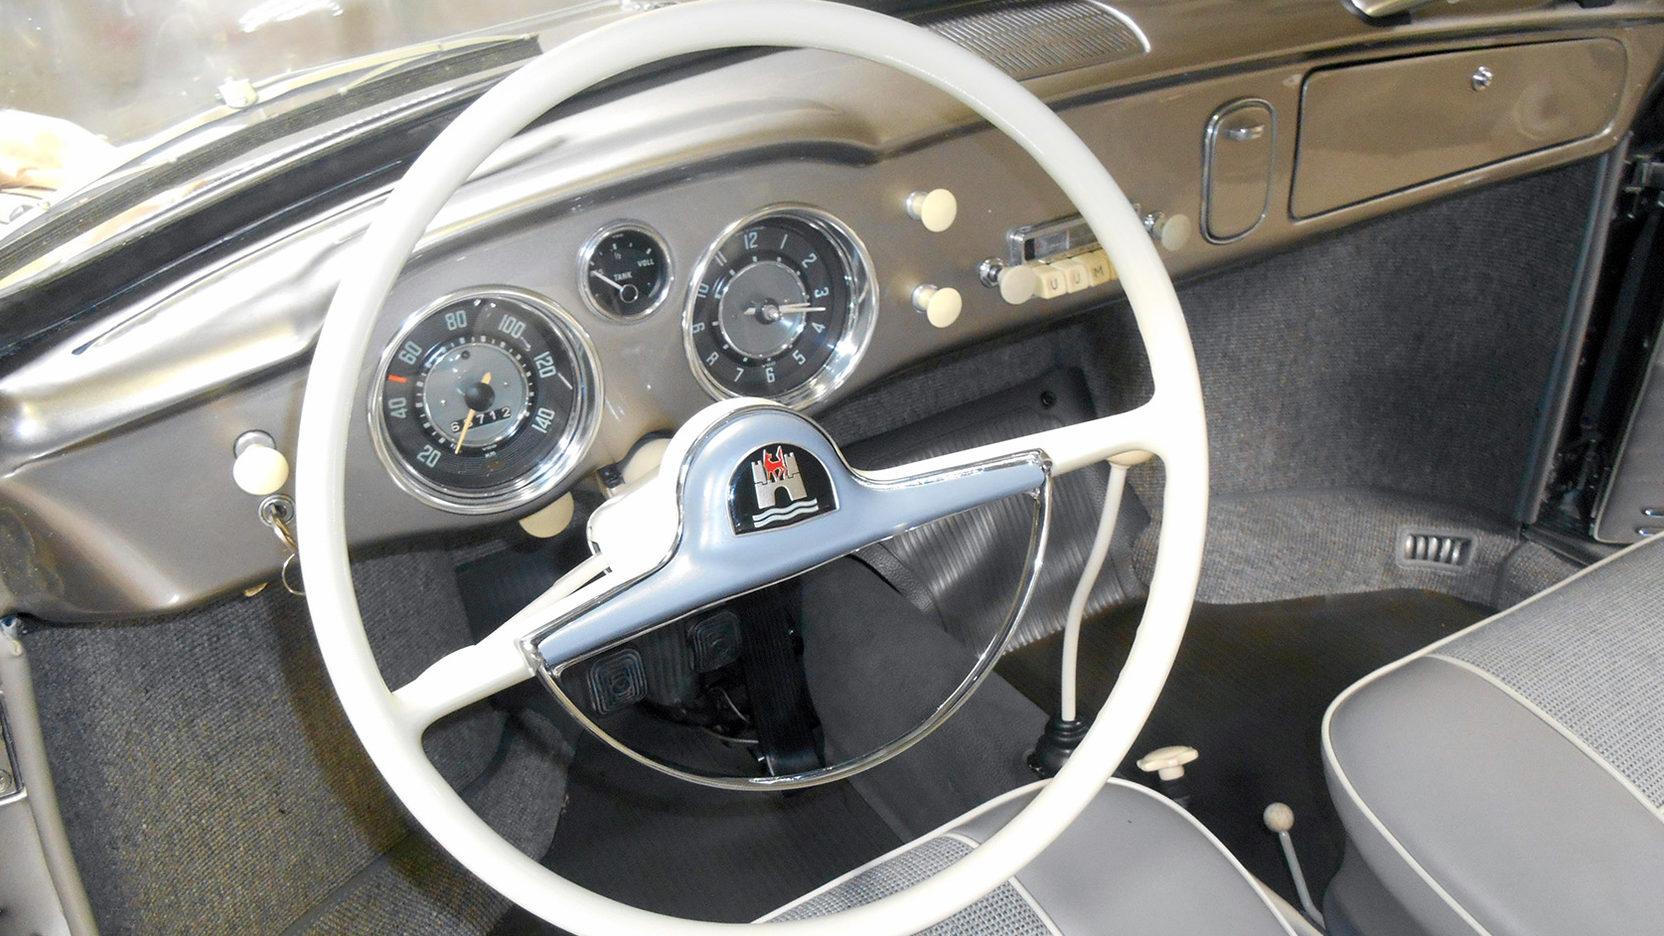 1958 Karmann Ghia steering wheel